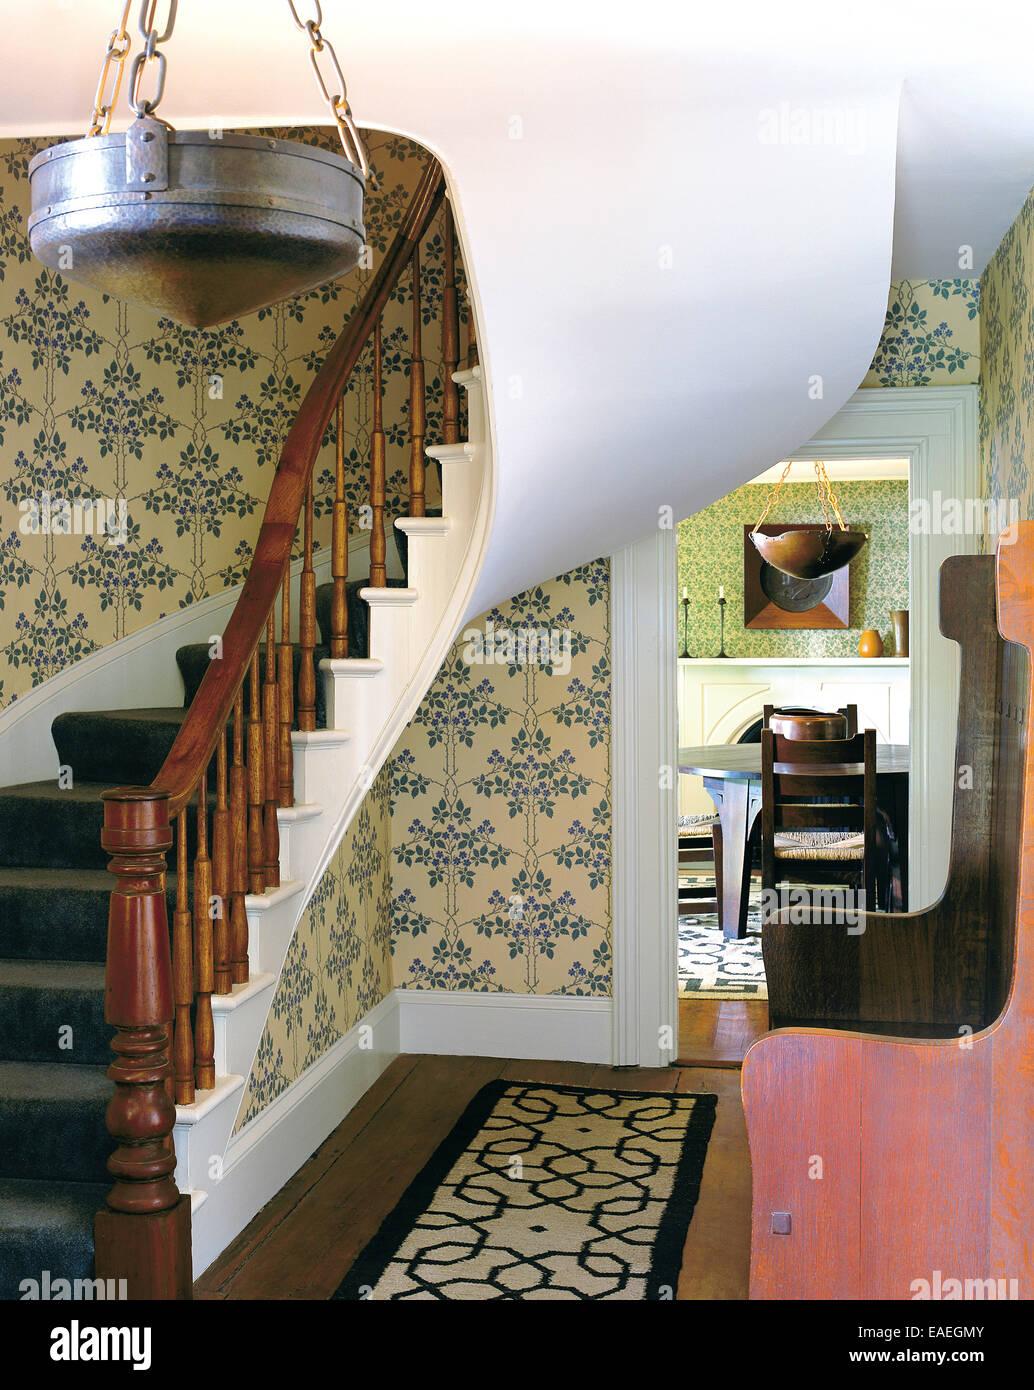 Escalera Curvada Y Entrada Con Artes Y Manualidades Muebles En  # Muebles De Casa